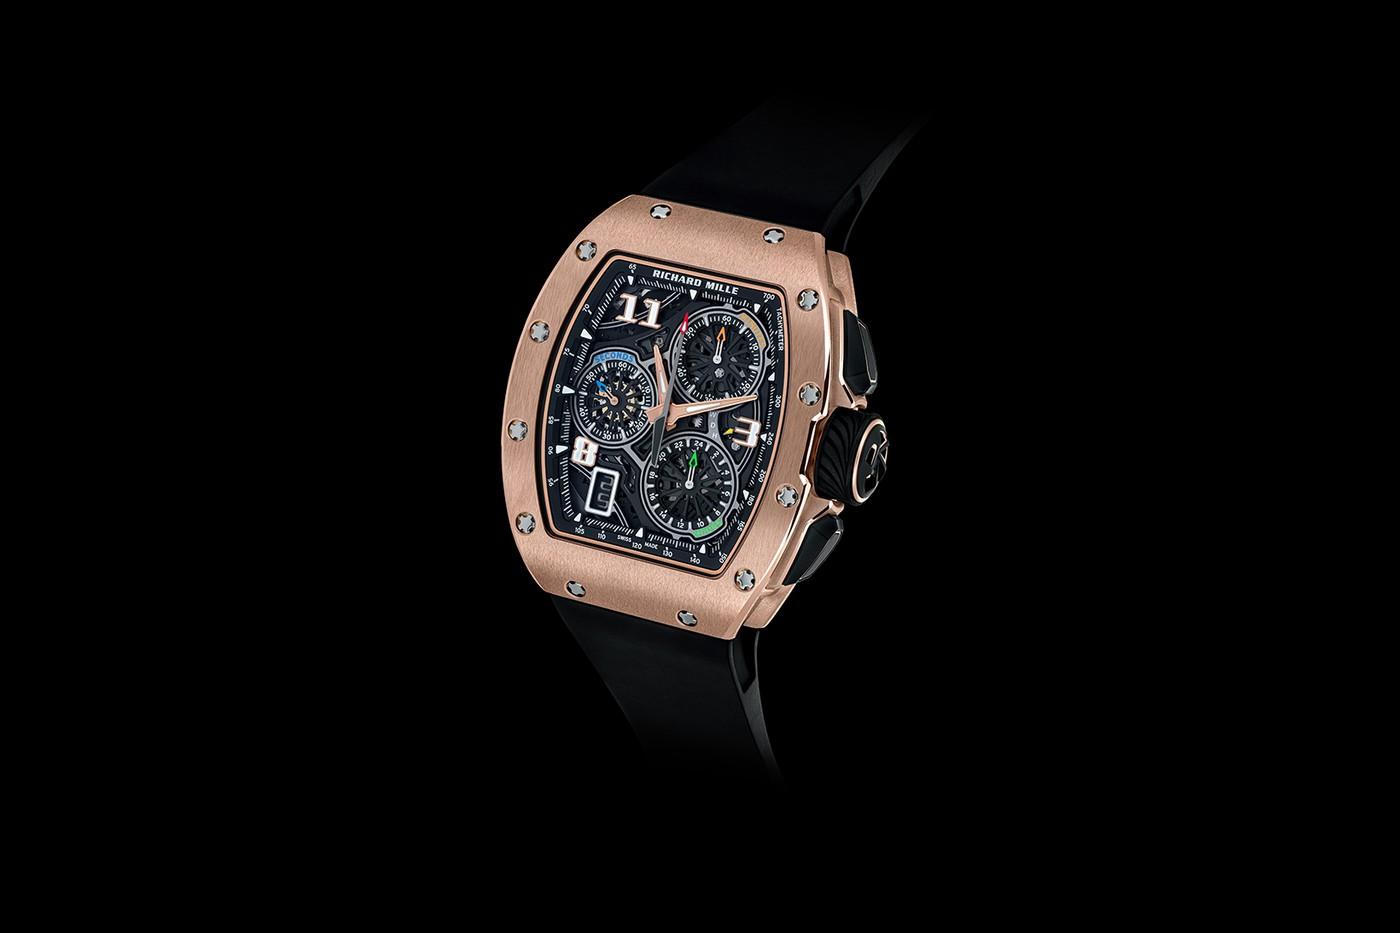 理查德米勒(Richard Mille)宣布推出RM 72-01飞返计时手表